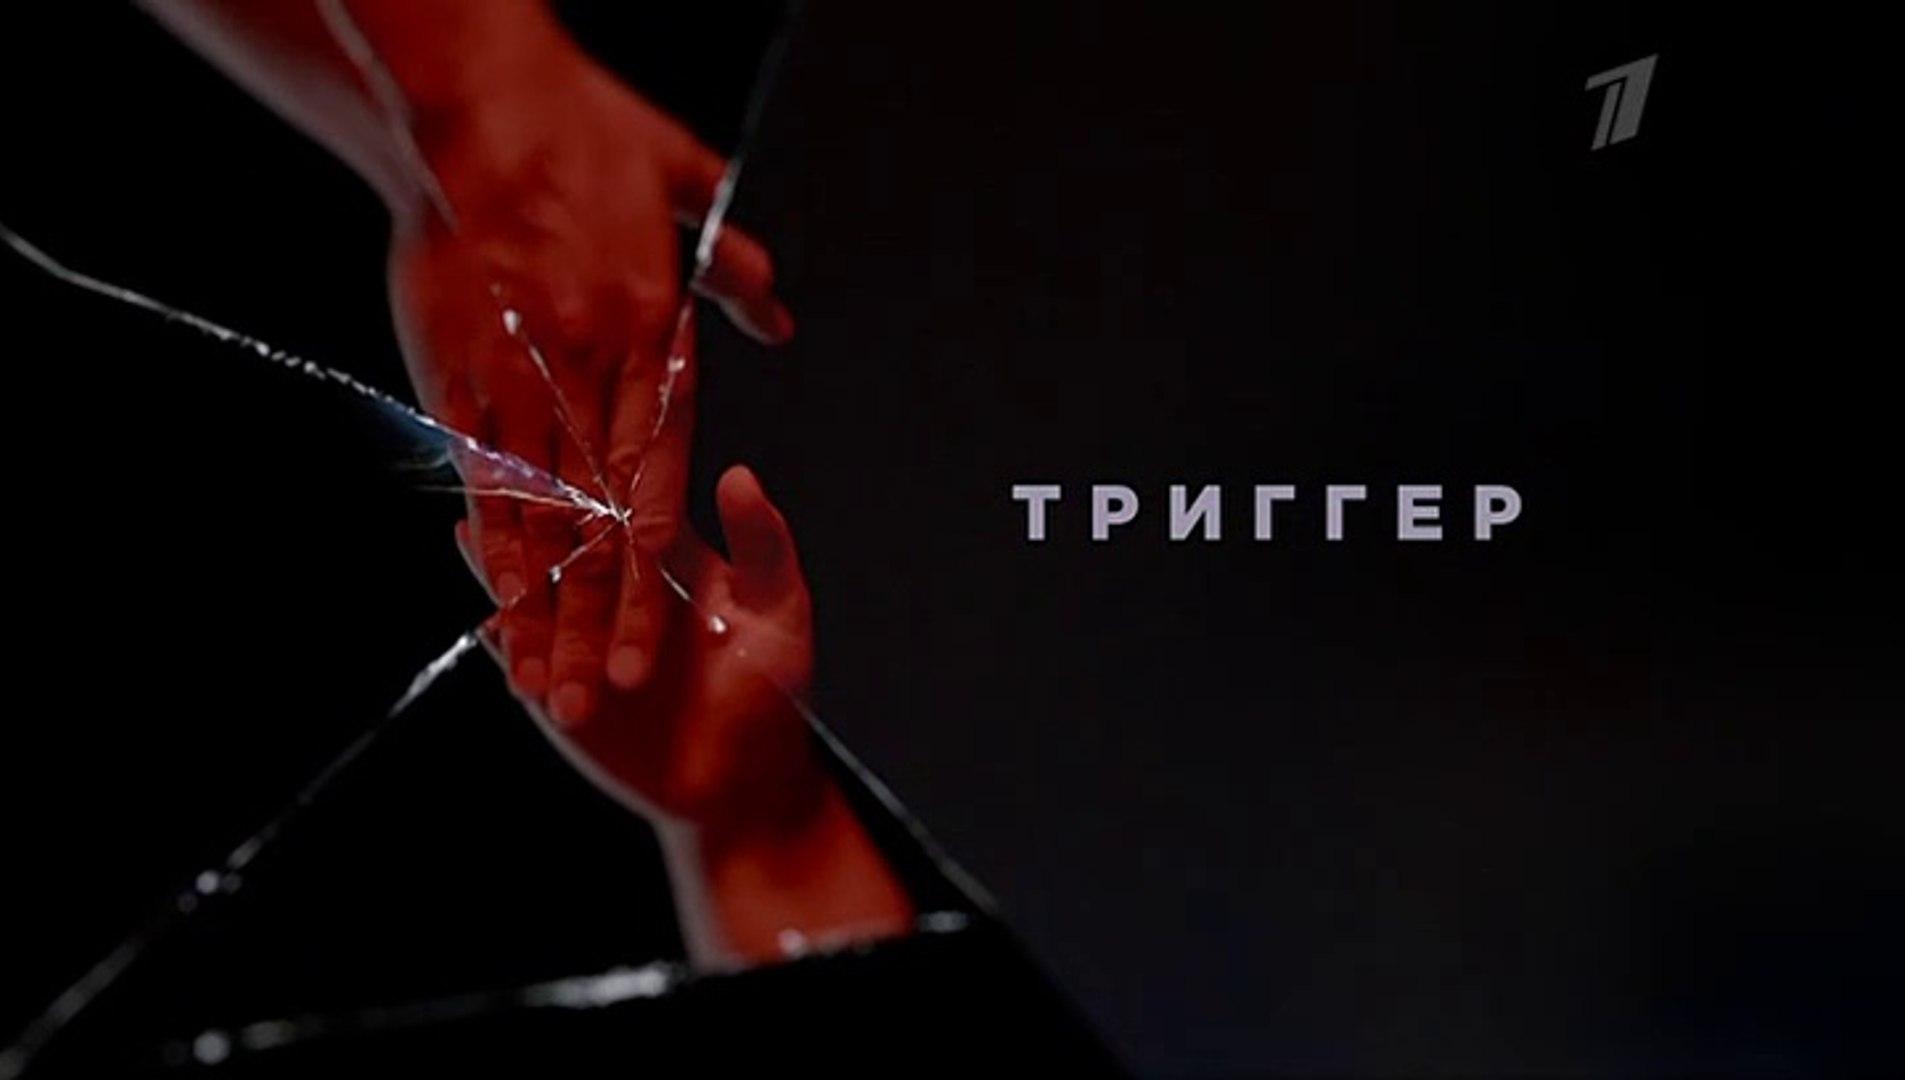 Триггер - 2 серия (2020) смотреть онлайн